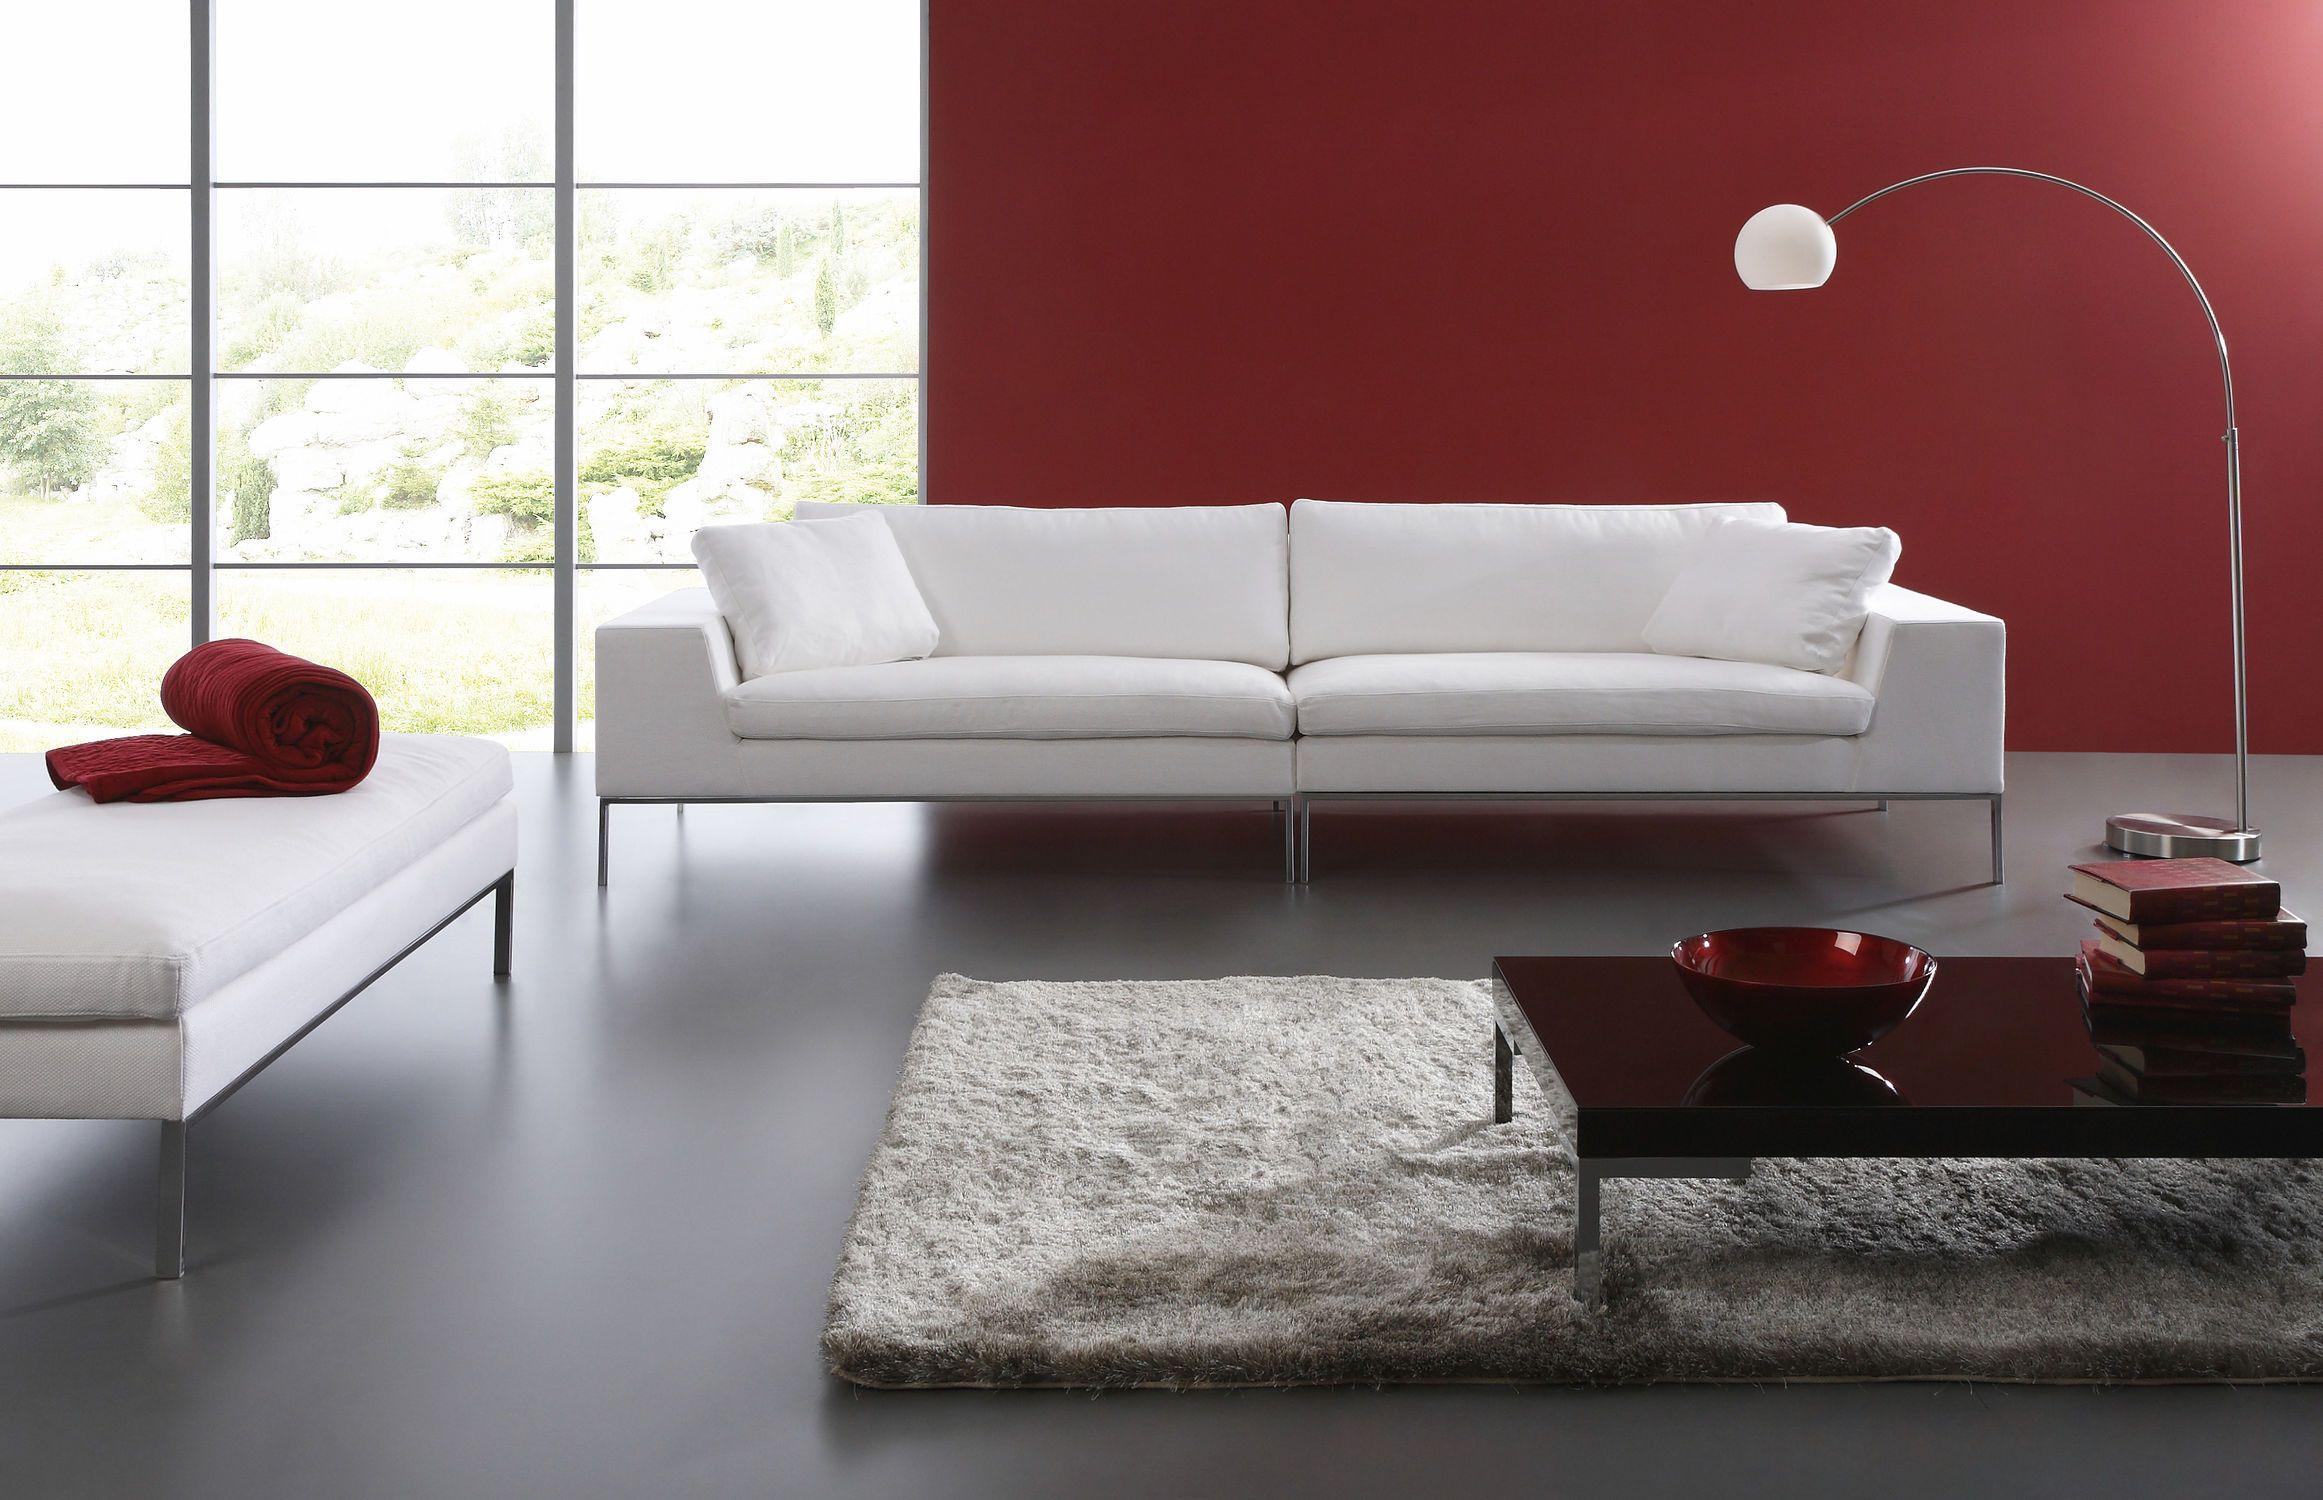 Contemporary Sofas With Images Contemporary Sofa Sofa Design Modern Sofa